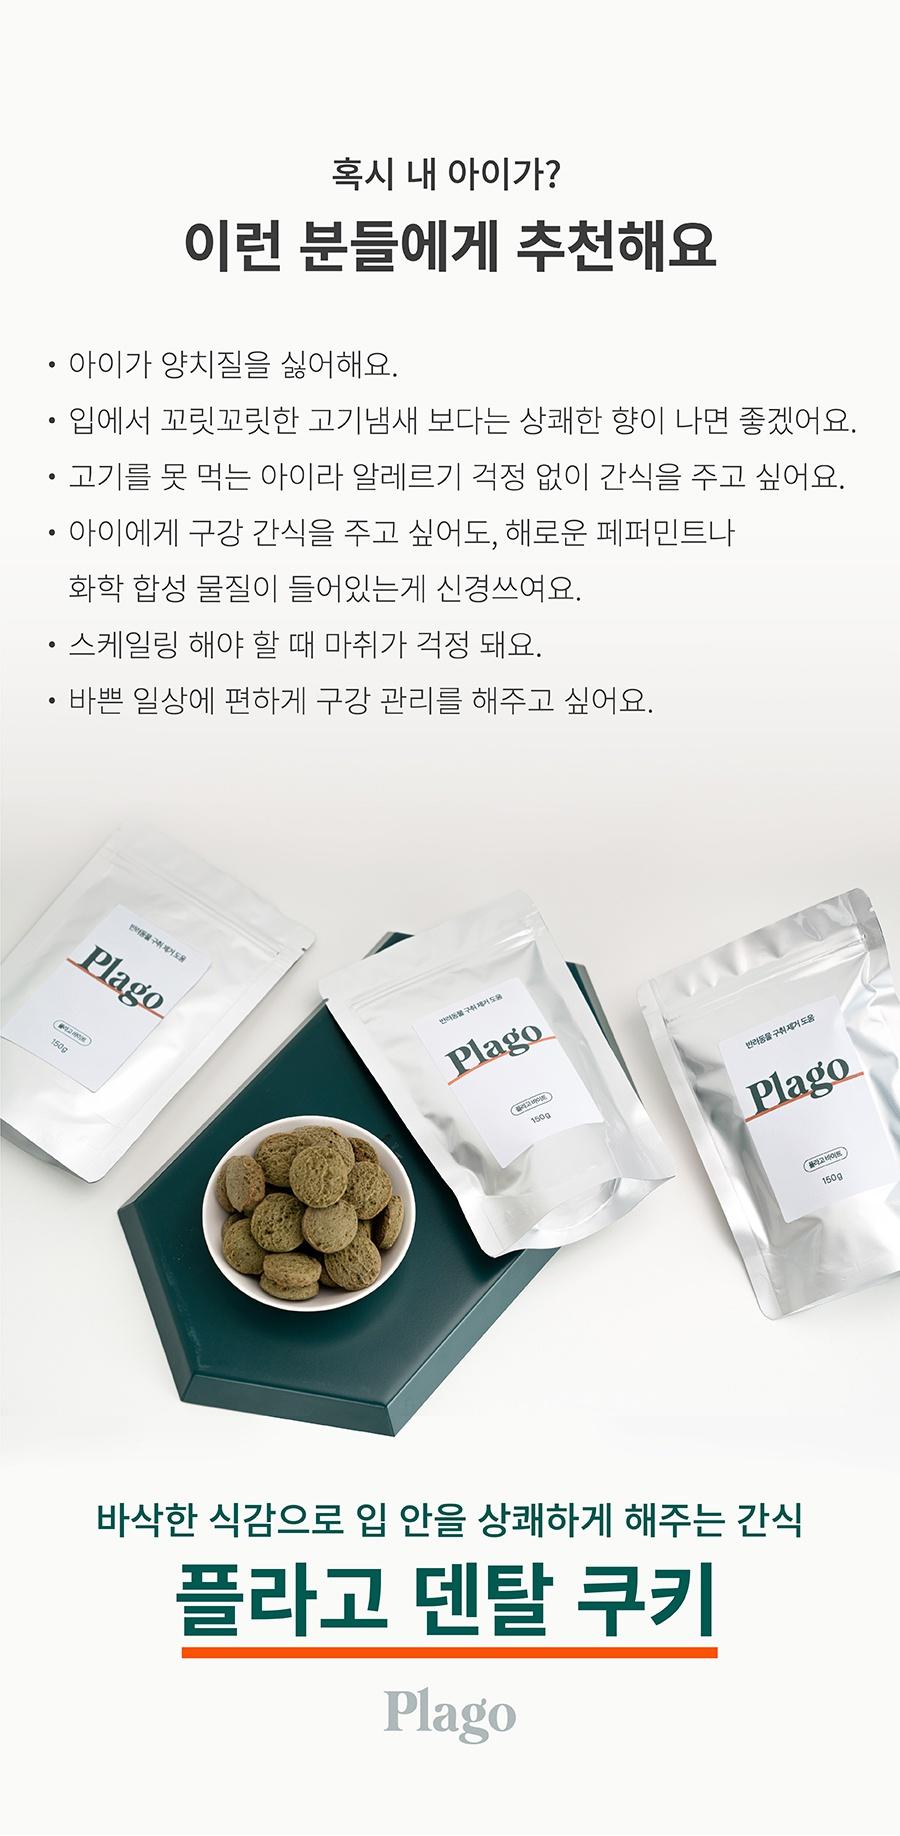 플라고 덴탈 쿠키 (150g)-상품이미지-3